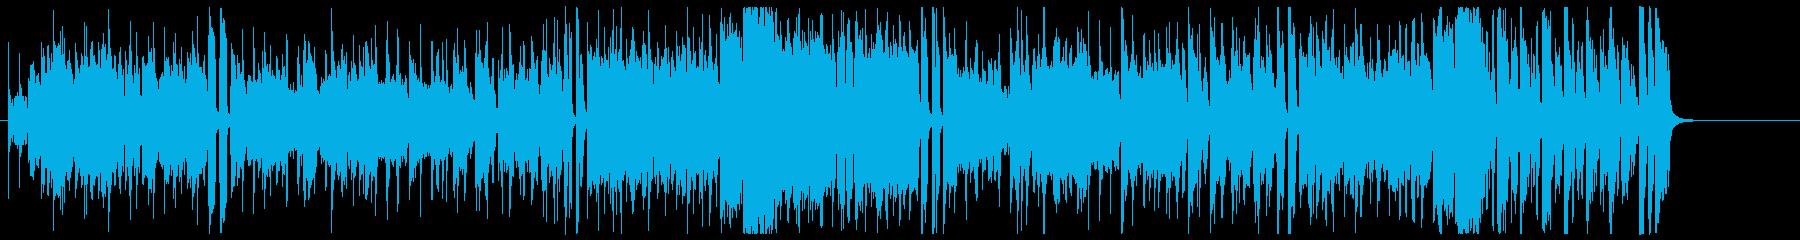 かっこいいオルガンファンク曲の再生済みの波形